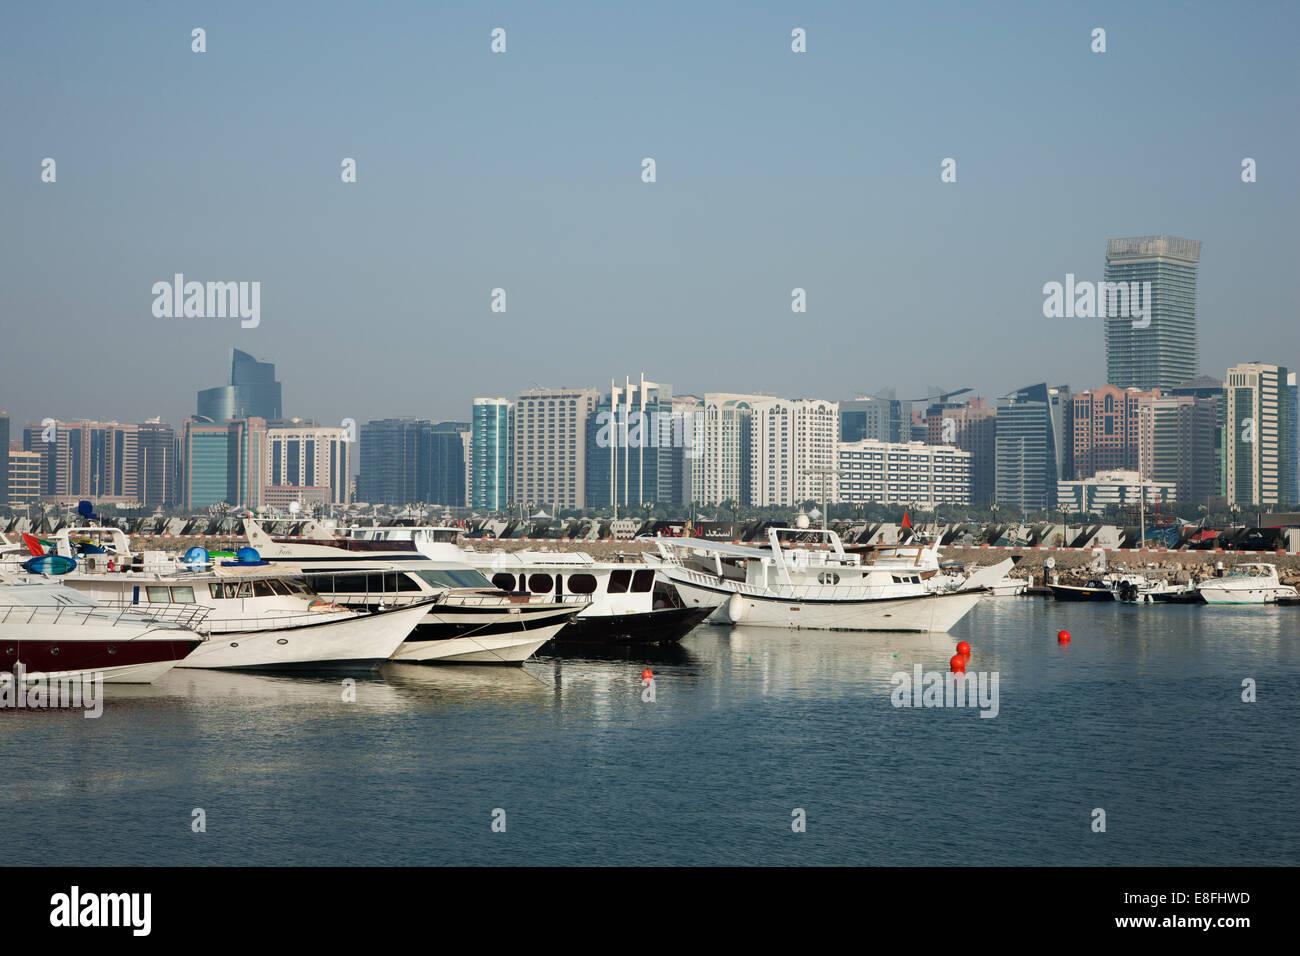 United Arab Emirates, Abu Dhabi, Skyline - Stock Image